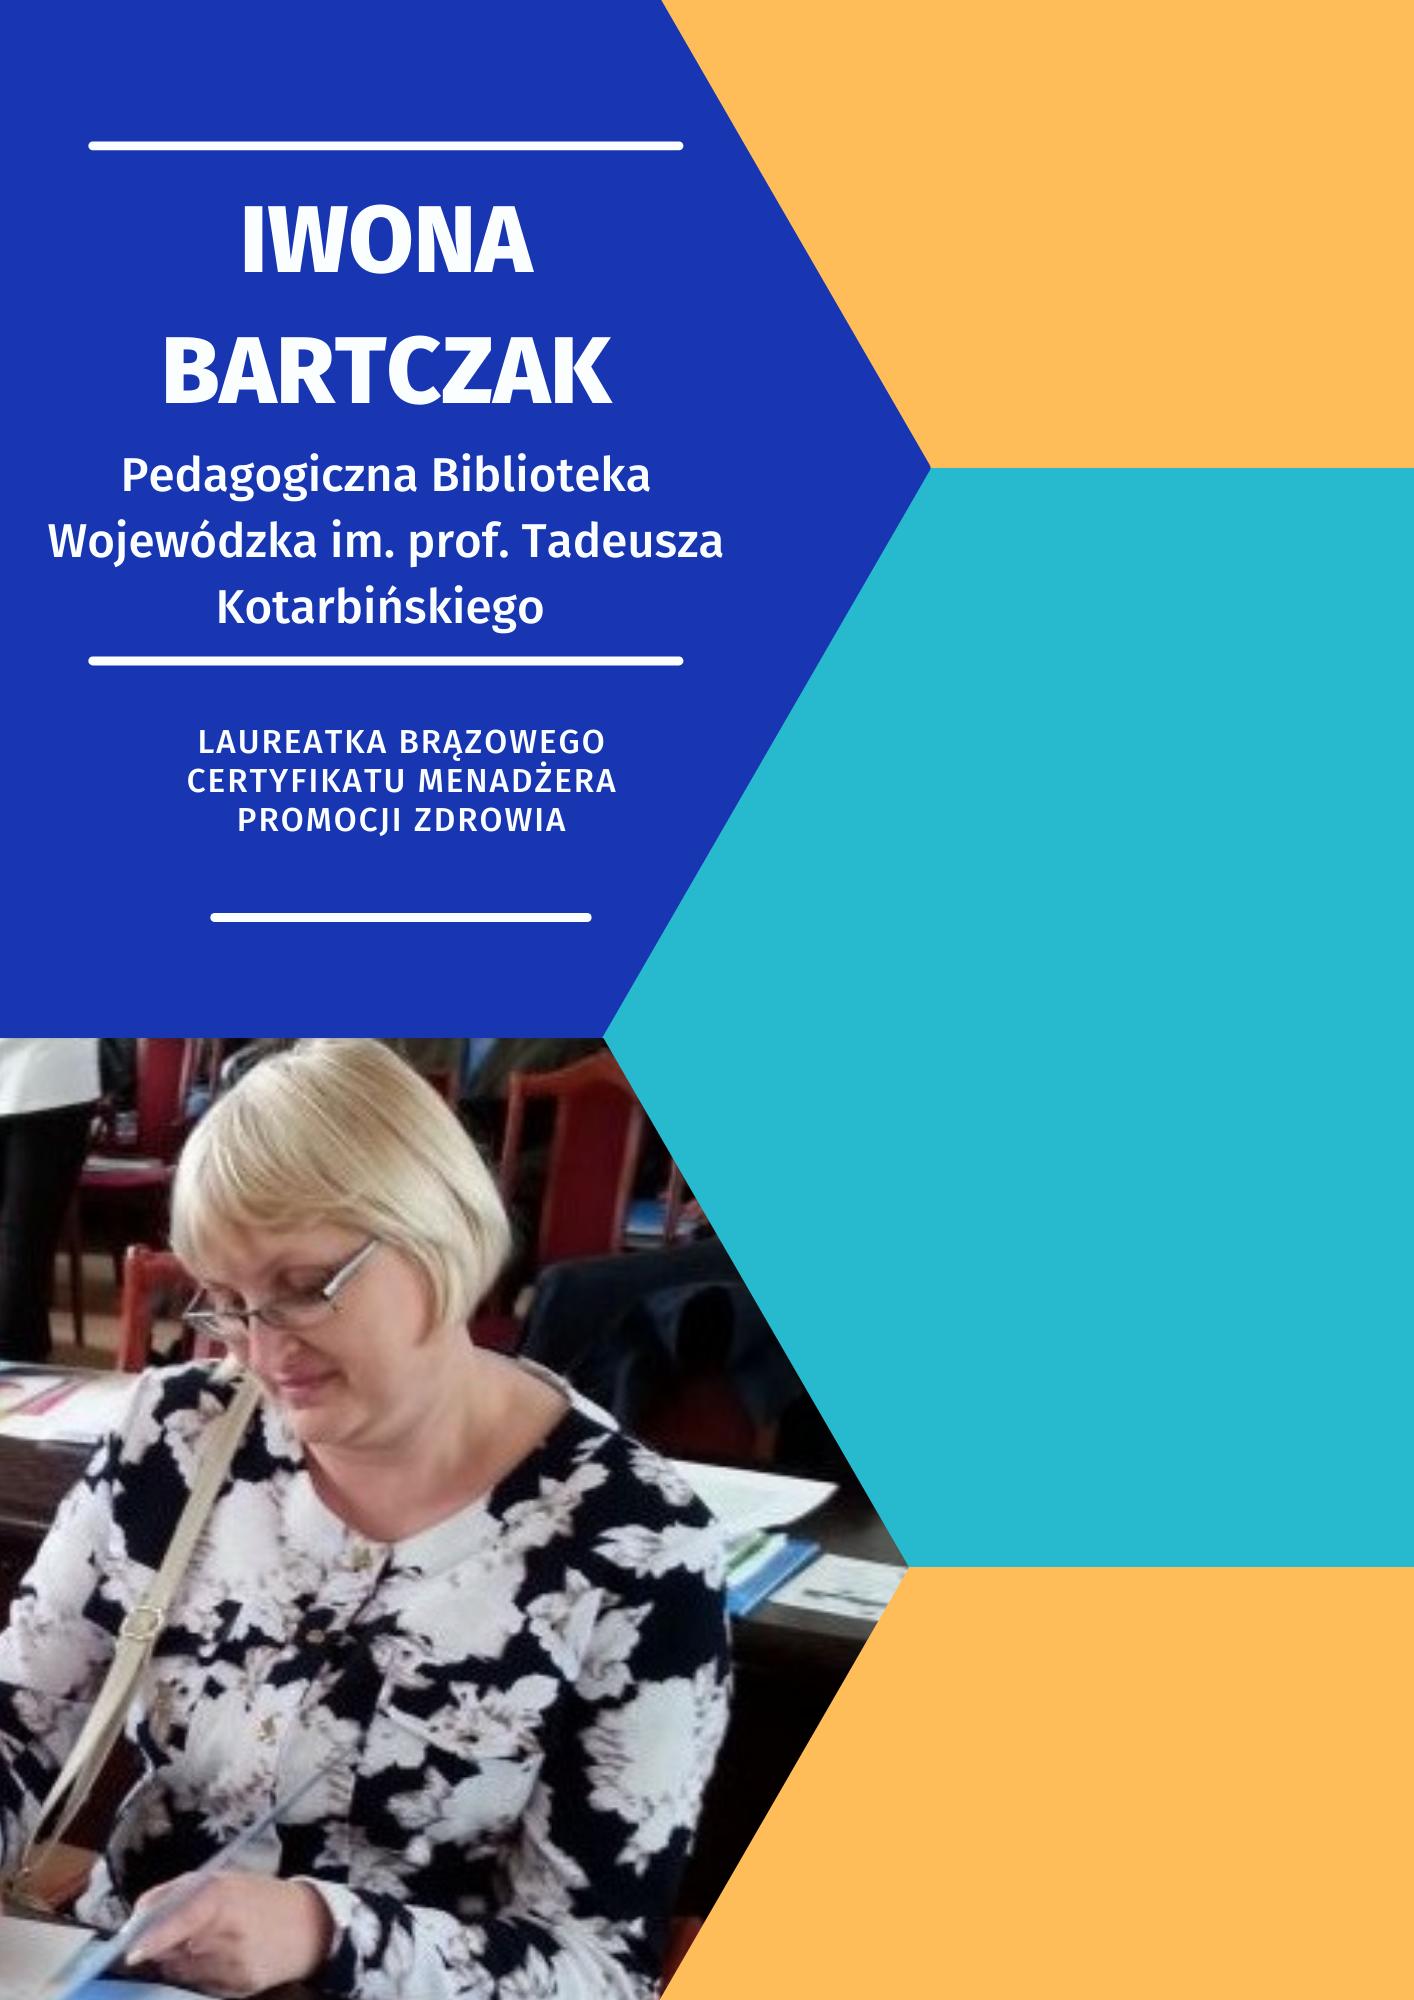 Wywiad zIwoną Bartczak